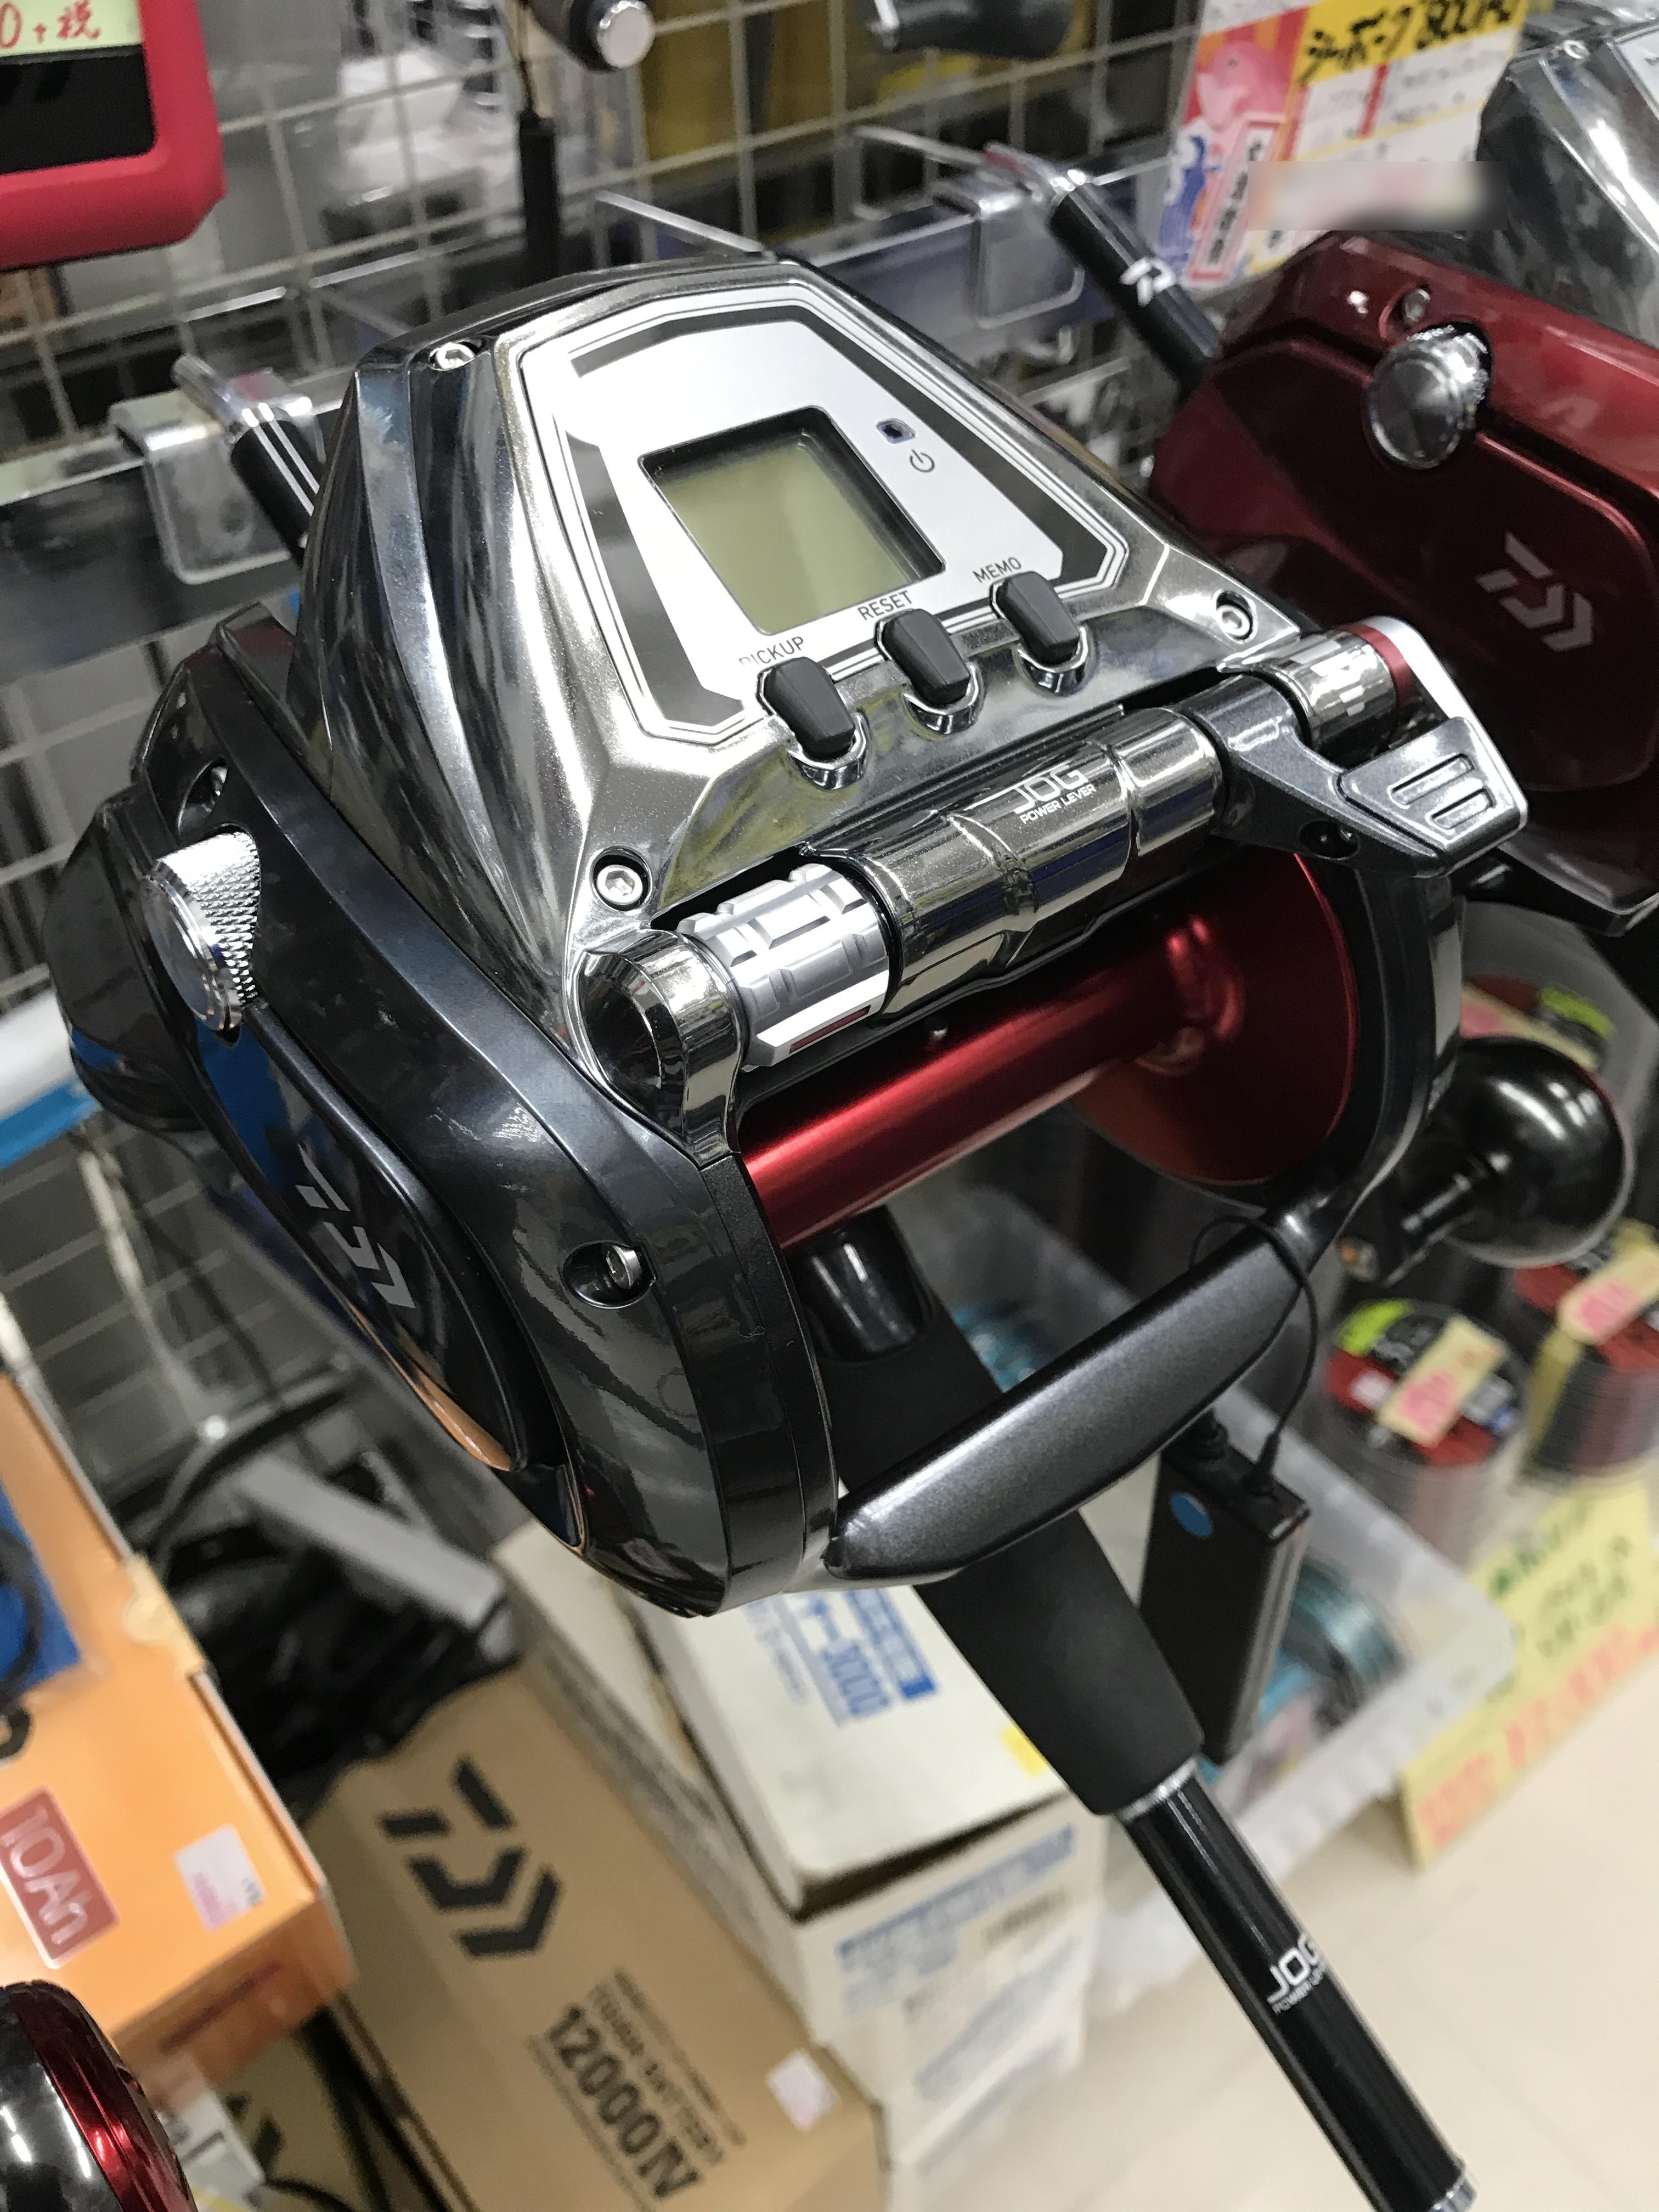 リーズナブルな1200番モデル登場!ダイワ『シーボーグ 1200J』